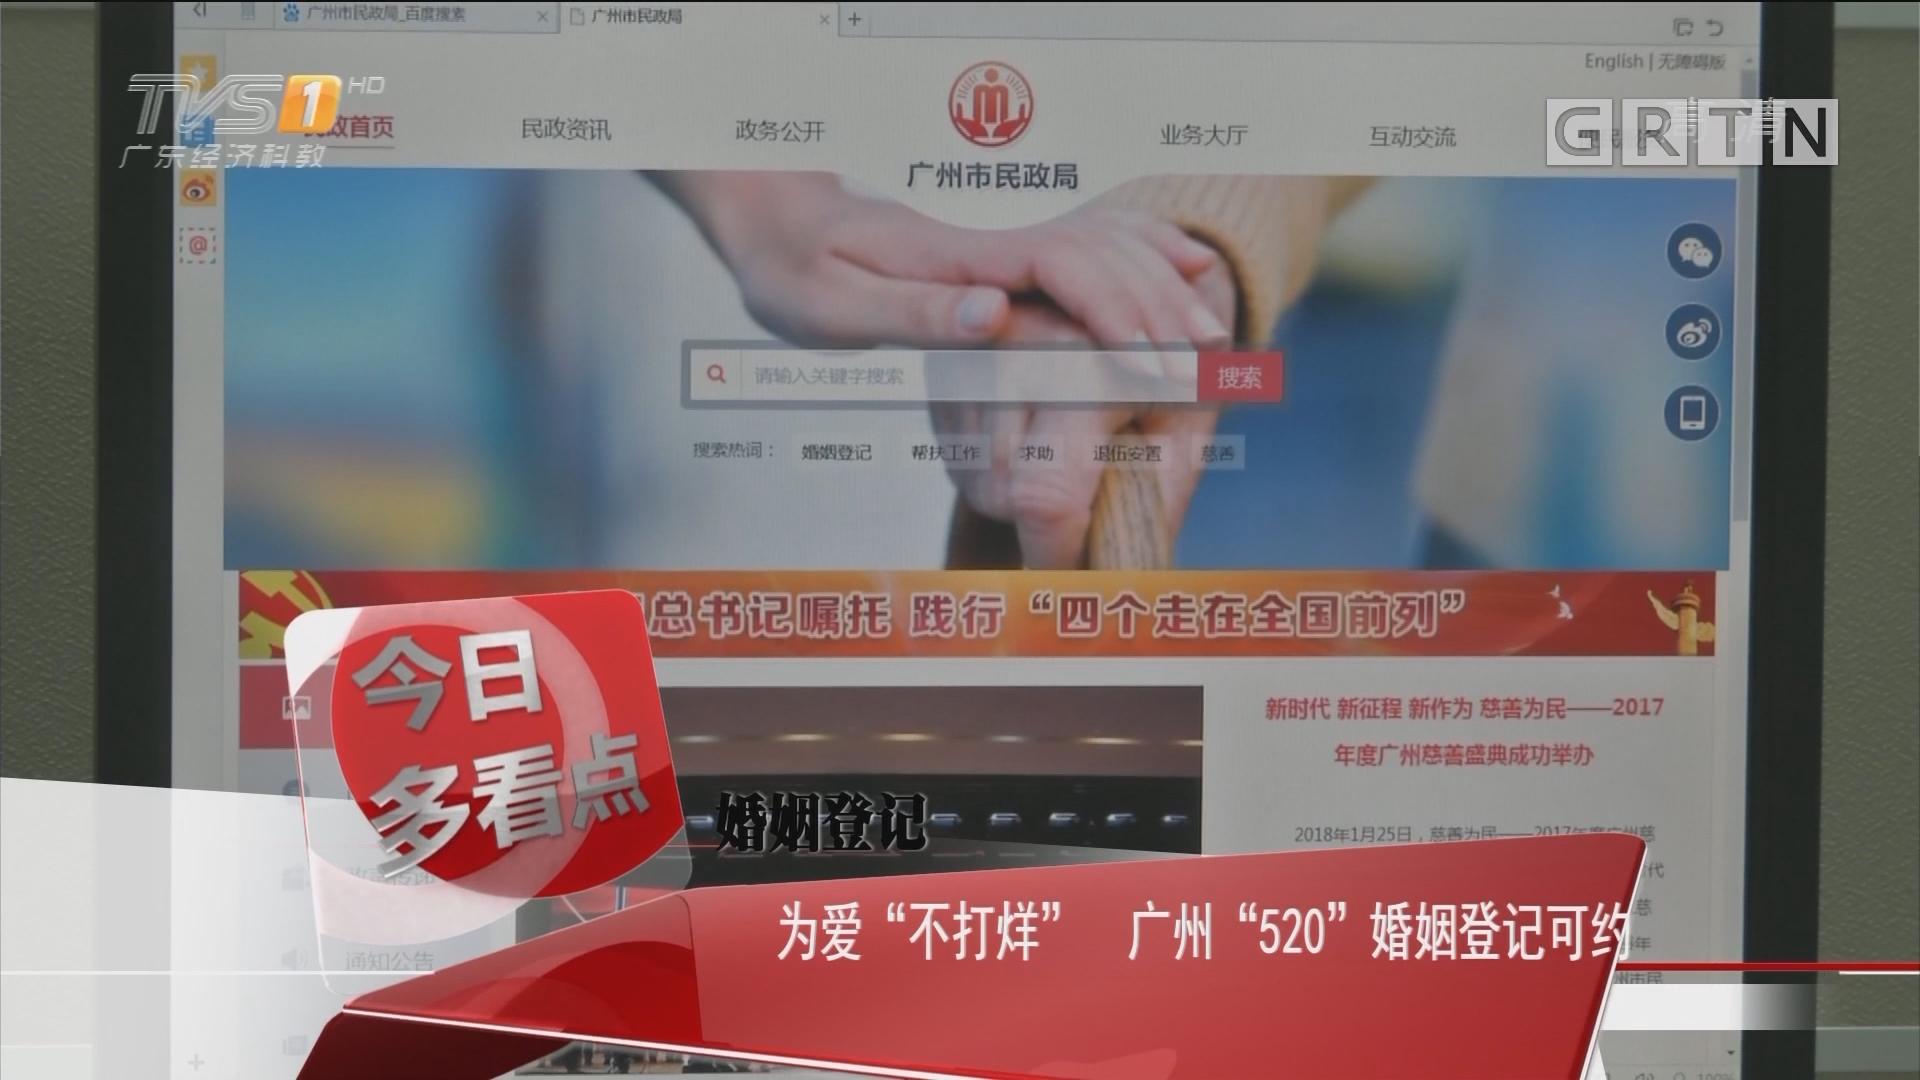 """婚姻登记:为爱""""不打烊"""" 广州""""520""""婚姻登记可约"""